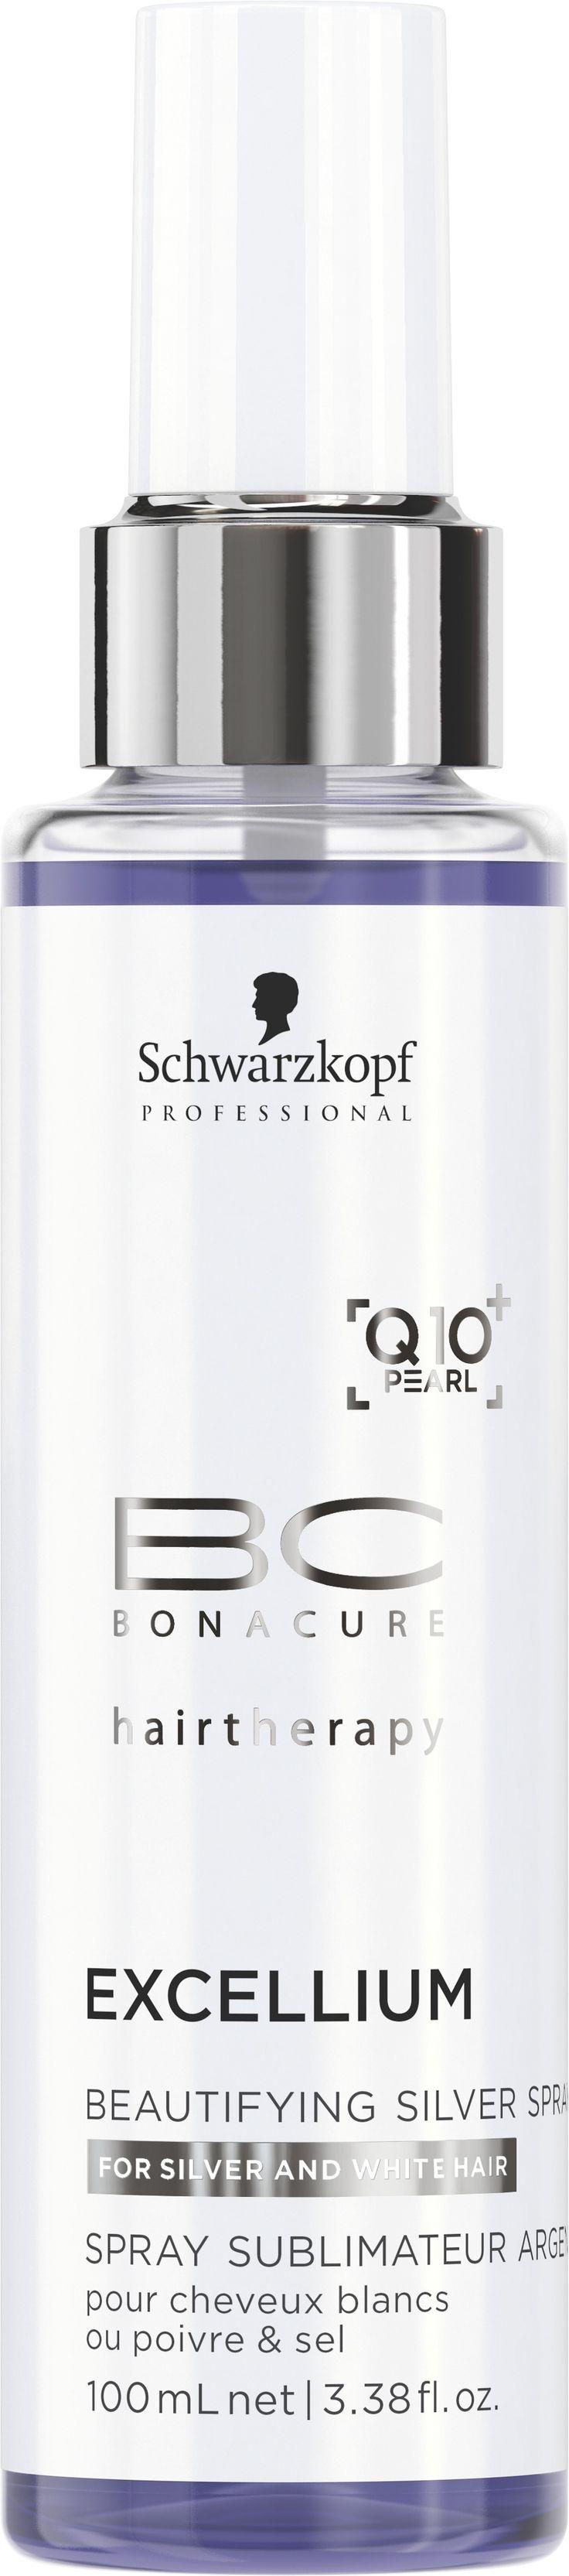 BC EXCELLIUM Q10+ GYÖNGY Beautifying Ezüst spray, 100 ml Egy könnyű, tápláló spray balzsam ezüst pigmentekkel a természetes és egészséges megjelenésért. Semlegesíti a sárga tónusokat, helyreállítja a hajfényt és védelmet nyújt az UV sugarakkal szemben. 70-100% ősz vendégeknek ajánlott.